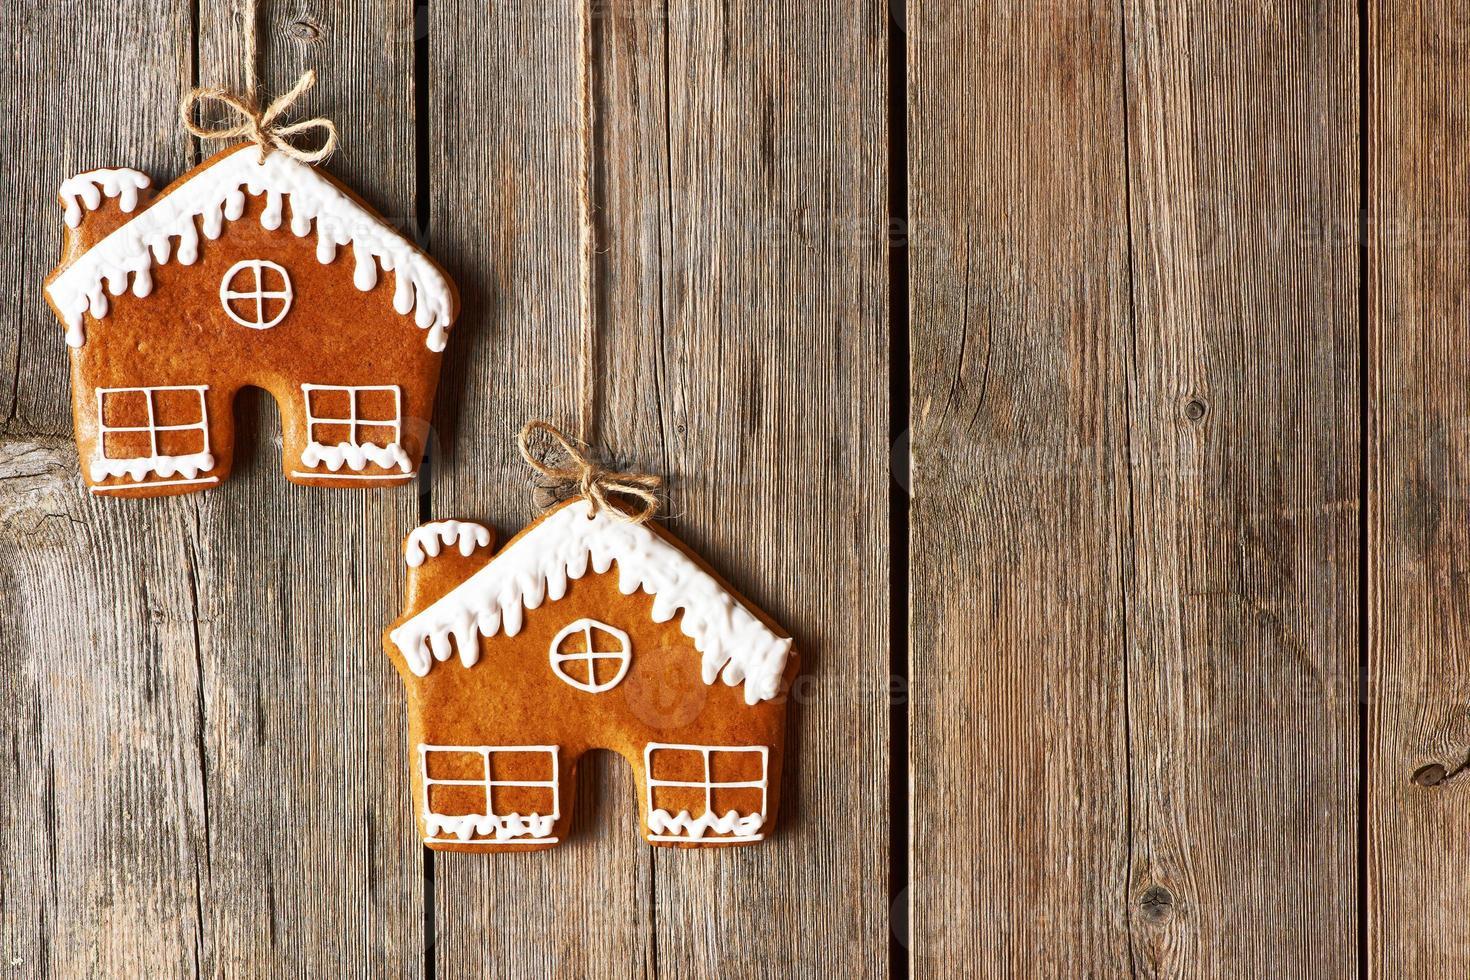 galletas de navidad caseras de jengibre foto